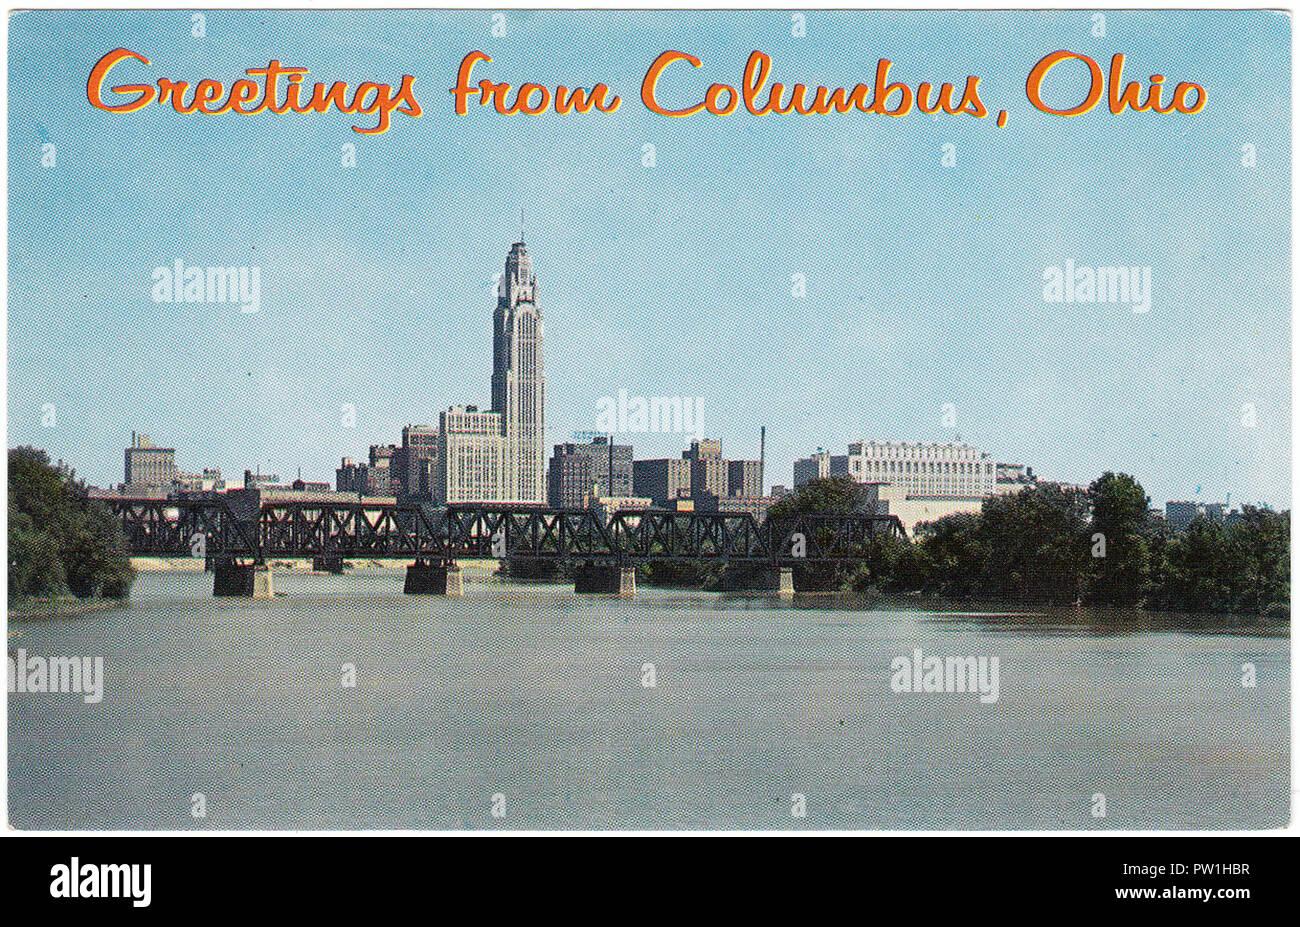 gratis dating Columbus Ohio Dating regels om te leven door